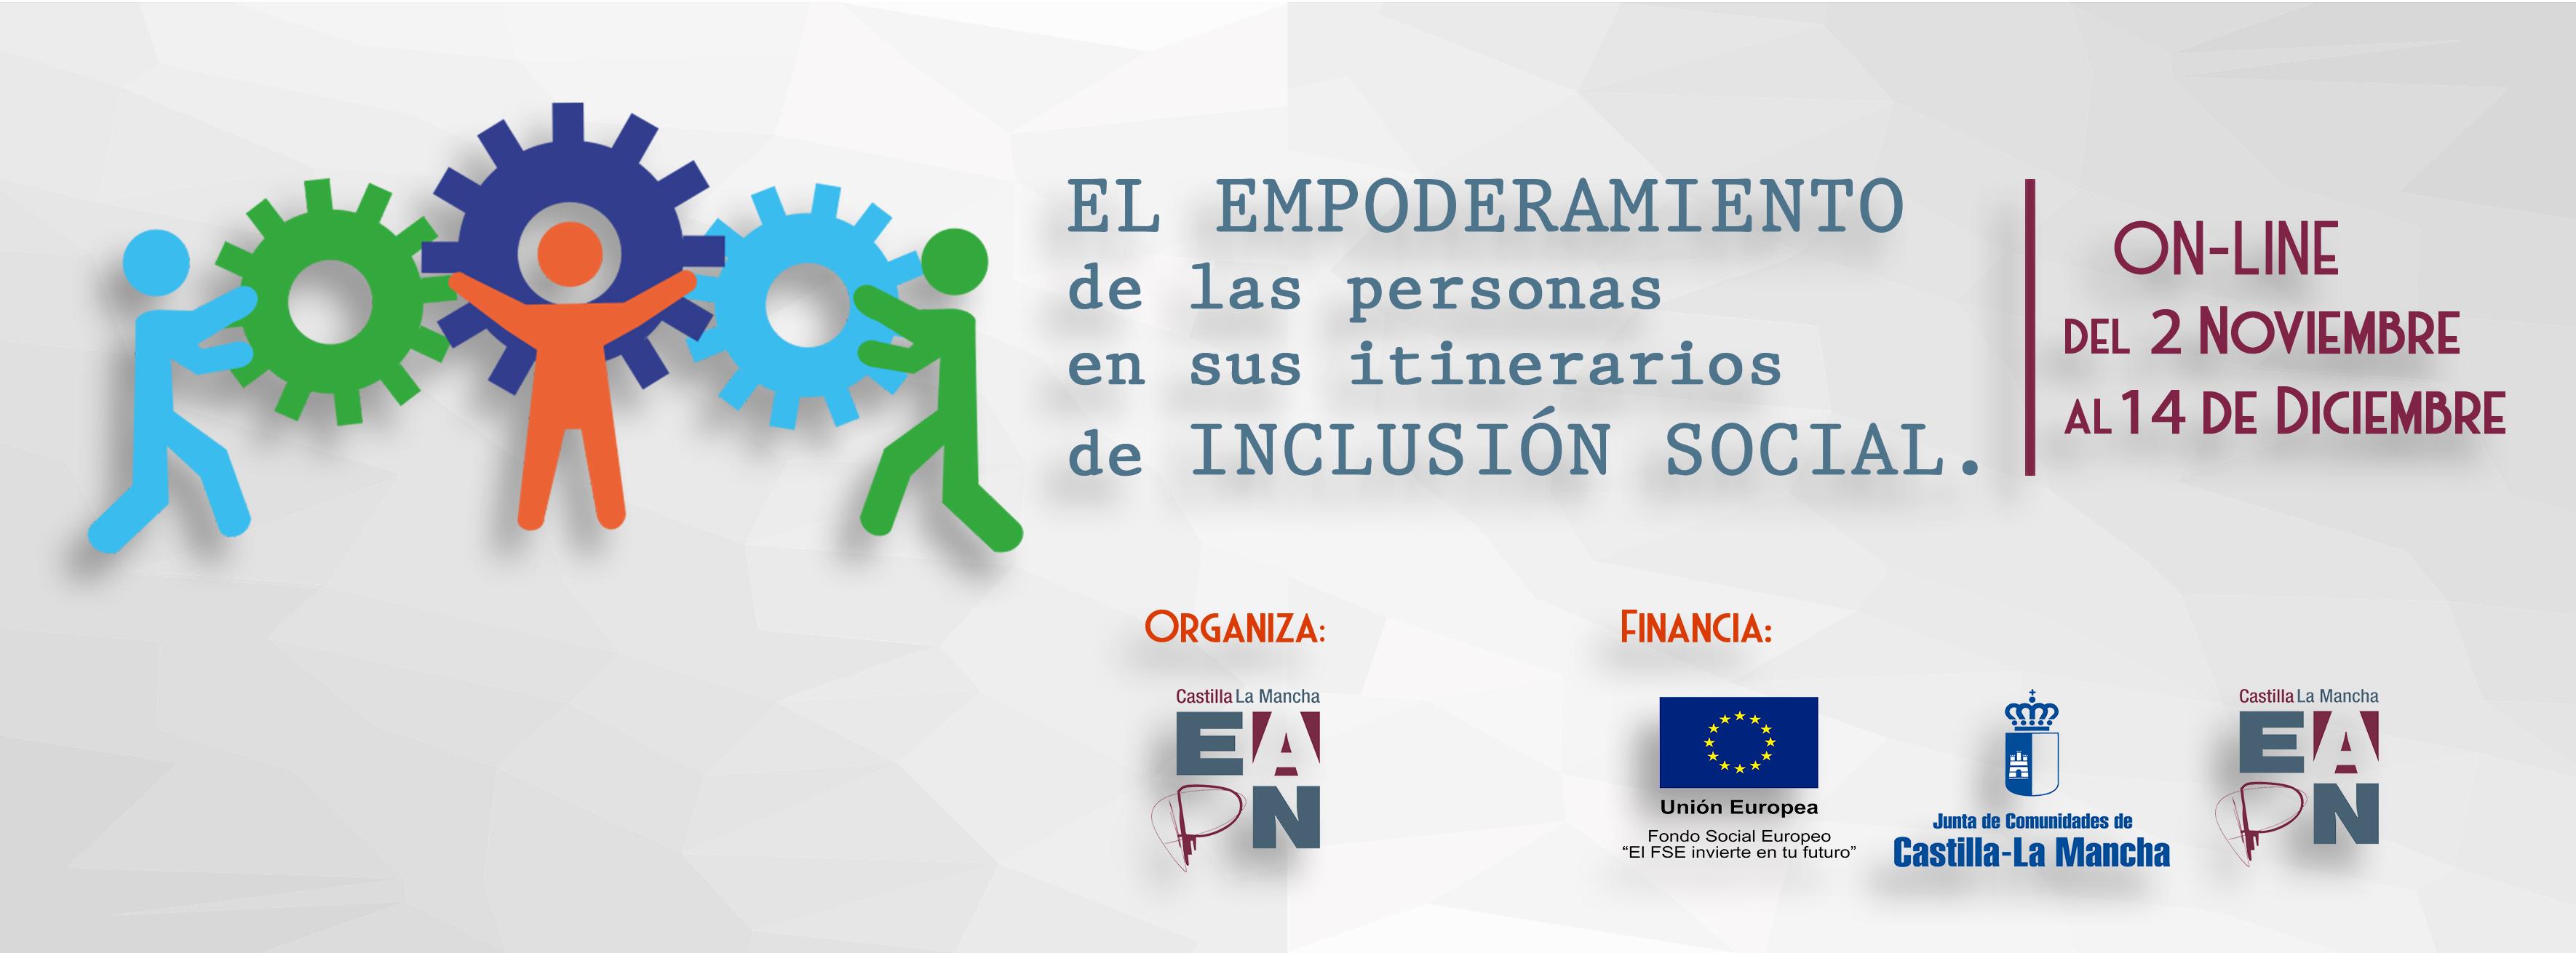 """Curso """"El empoderamiento de las personas en sus itinerarios de inclusión social""""."""